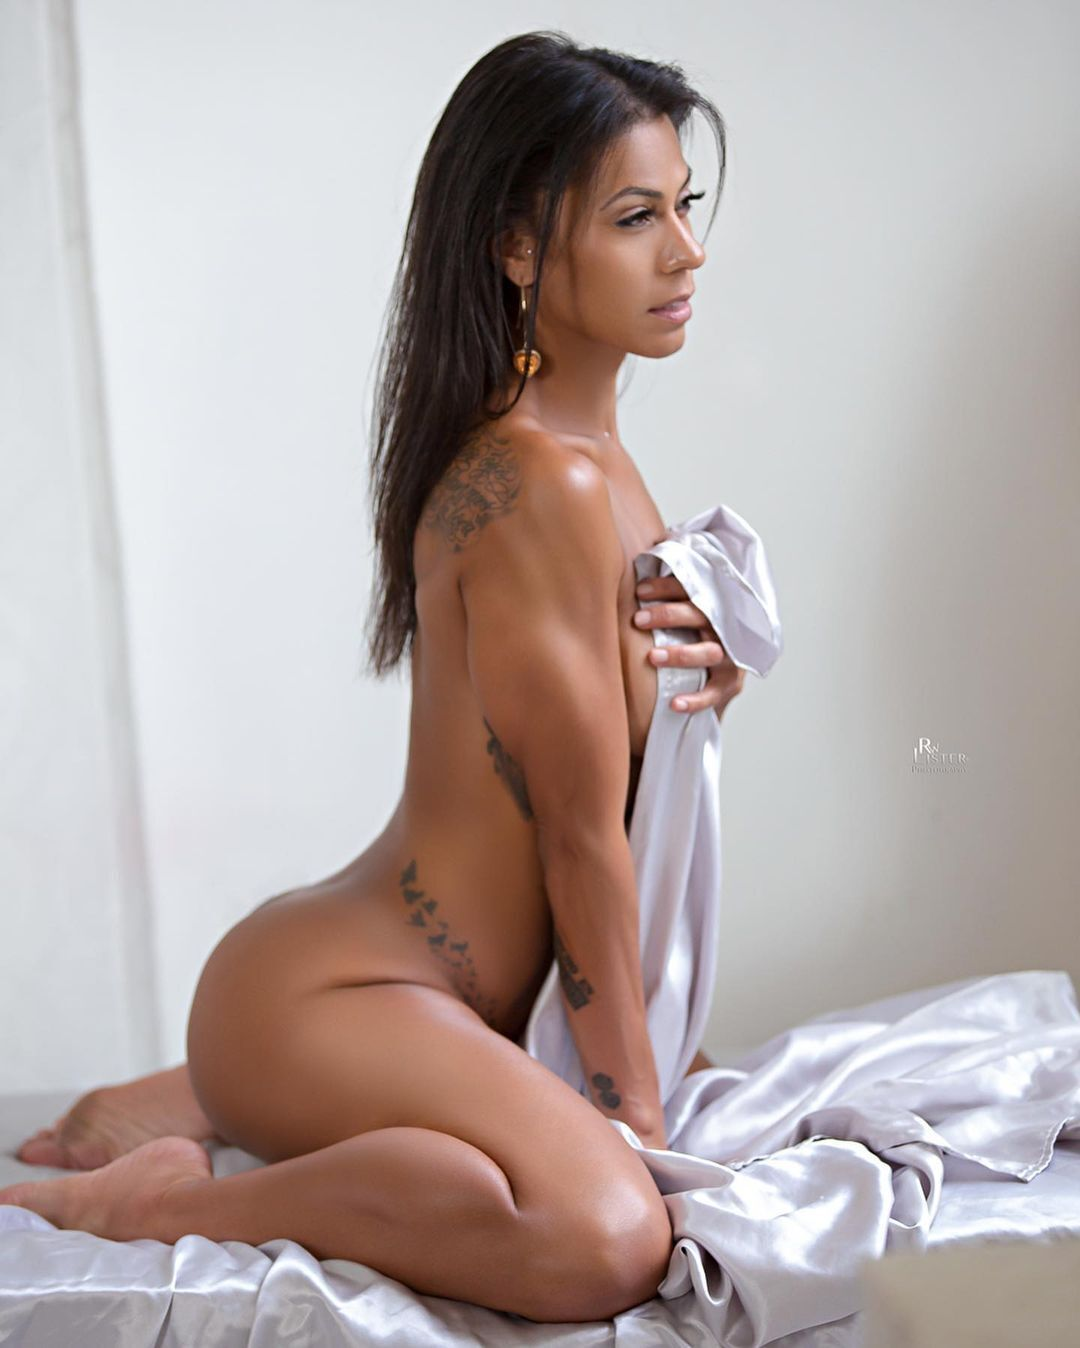 Жанетт Фелисиано продемонстрировала свое упругое тело